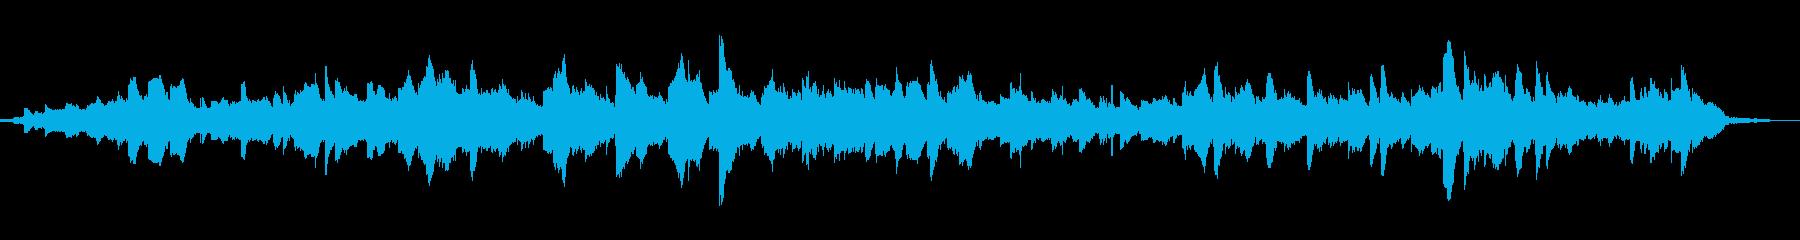 シンセサウンドとギターのアンビエントの再生済みの波形